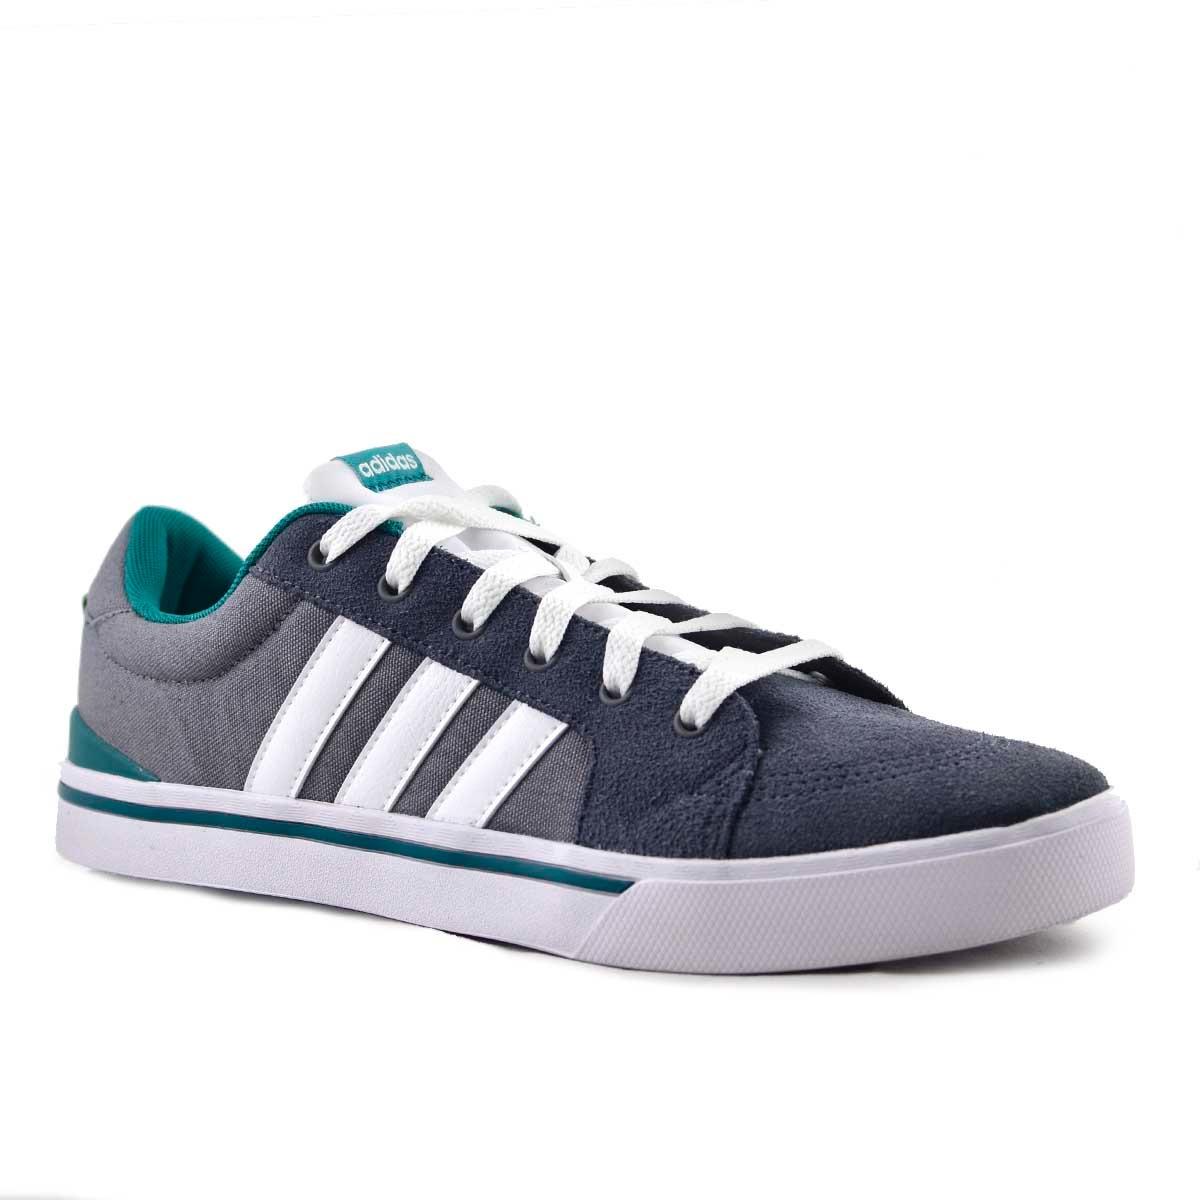 premium selection 92711 93c8e zapatillas adidas neo park st hombre gris. Cargando zoom.